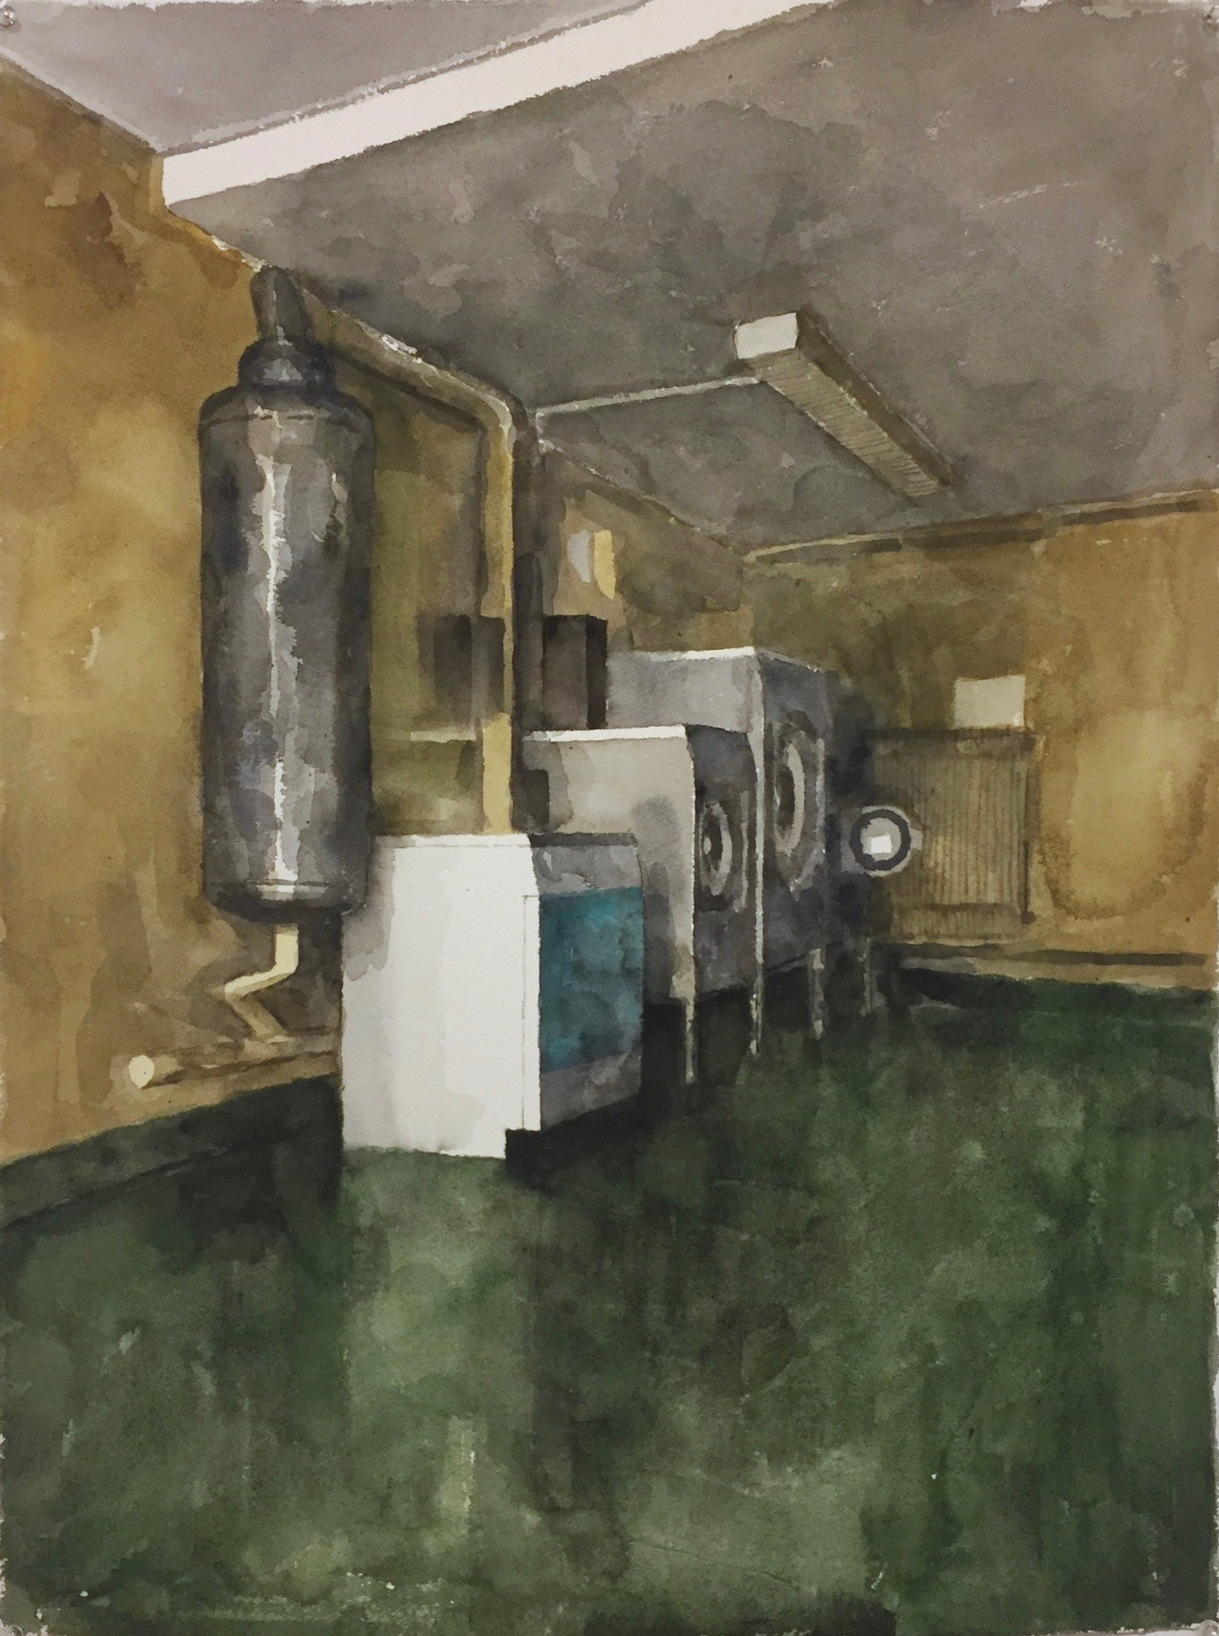 Laundry (Cité des Arts - study), 2016, watercolour on 640gsm Arches, 560mm x 750mm